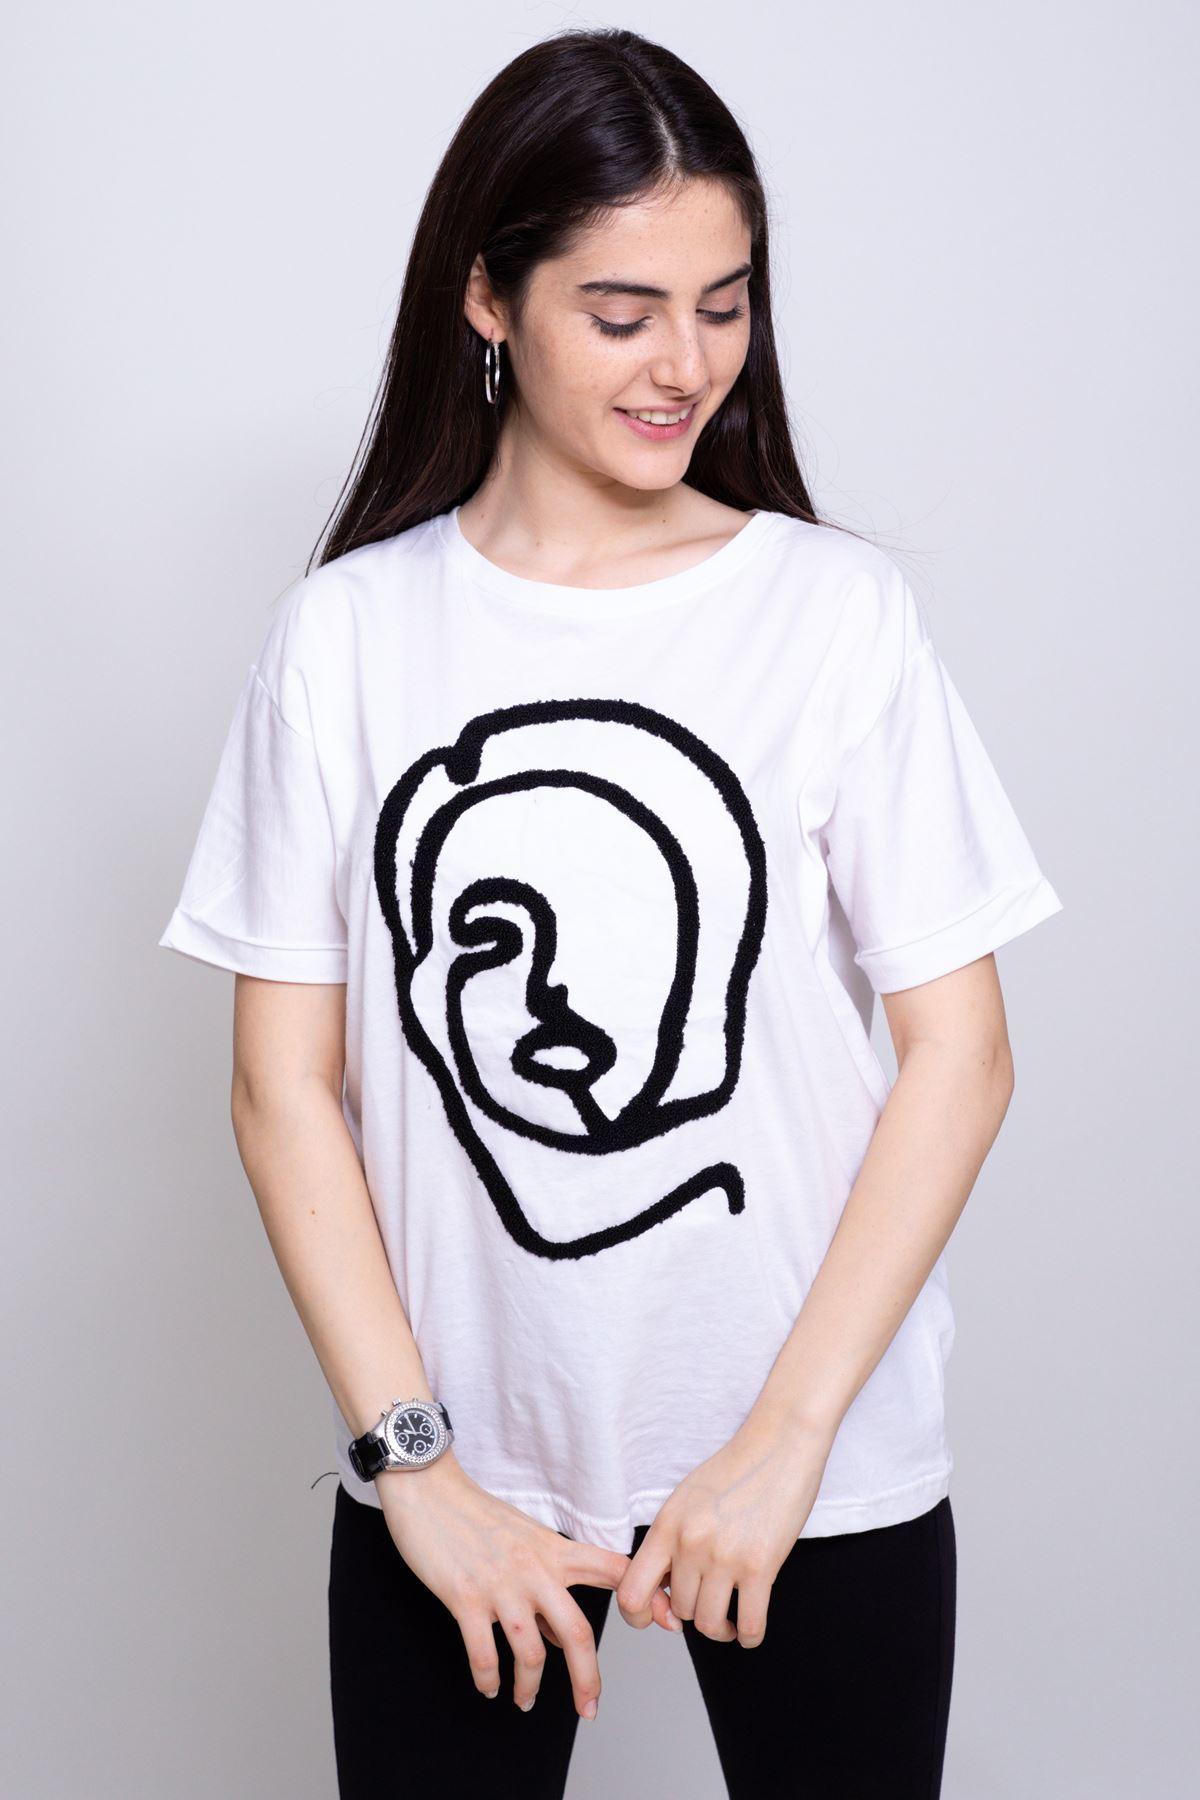 Kadın Yüz Nakışlı T-shirt